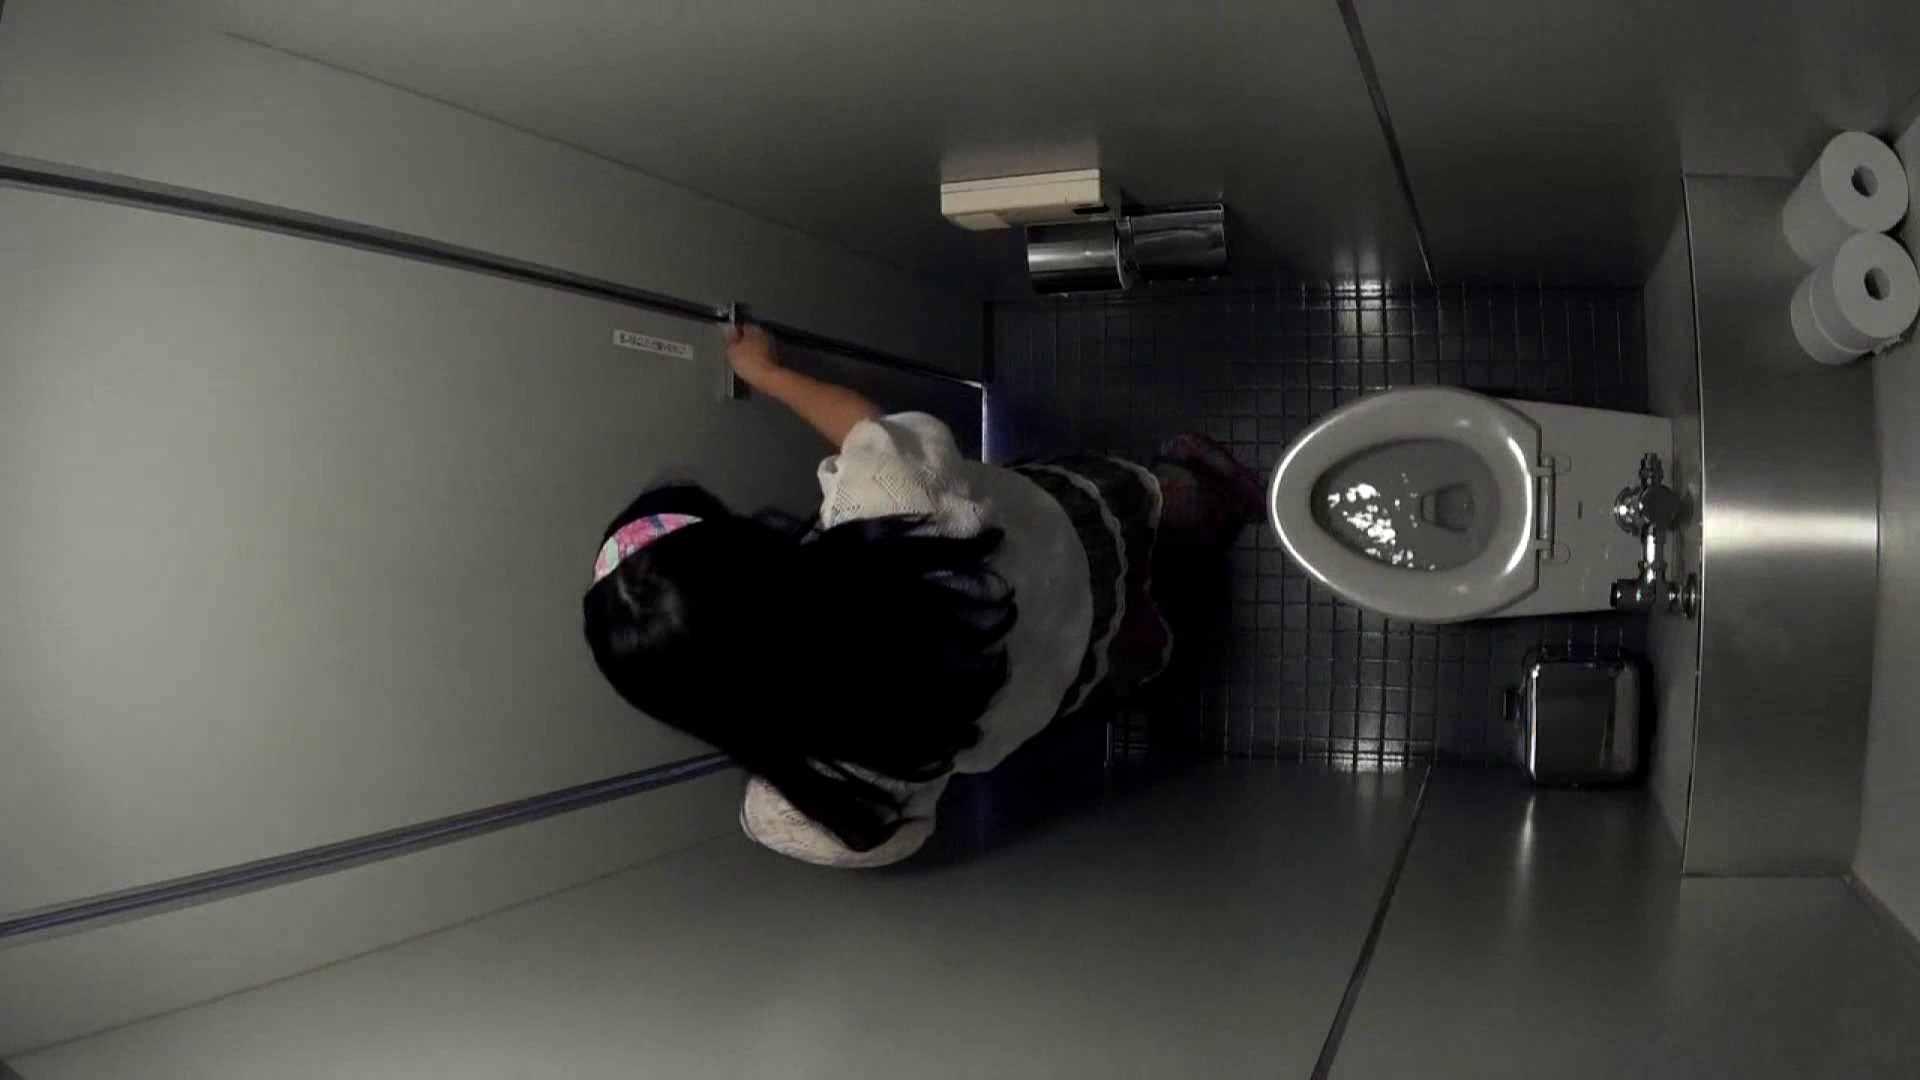 有名大学女性洗面所 vol.45 冴え渡る多方向撮影!職人技です。 投稿 隠し撮りオマンコ動画紹介 95画像 13